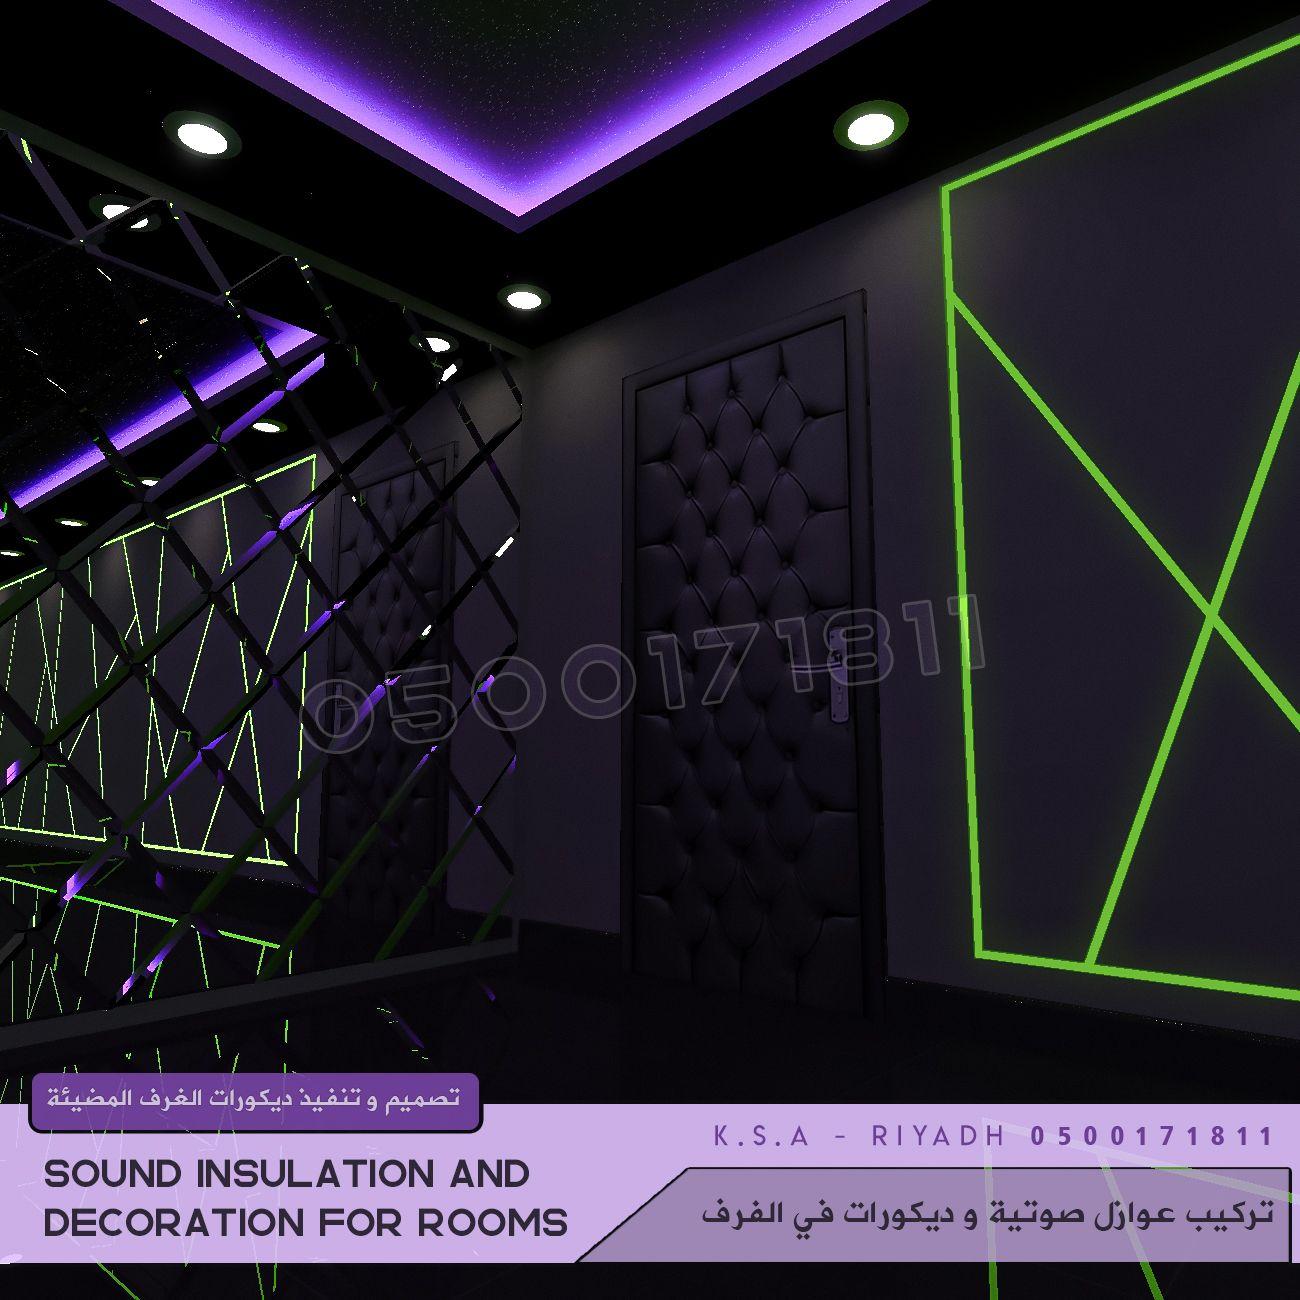 شركة تصميم ديكورات و عوازل صوتيه في الرياض Sound Insulation Room Room Decor